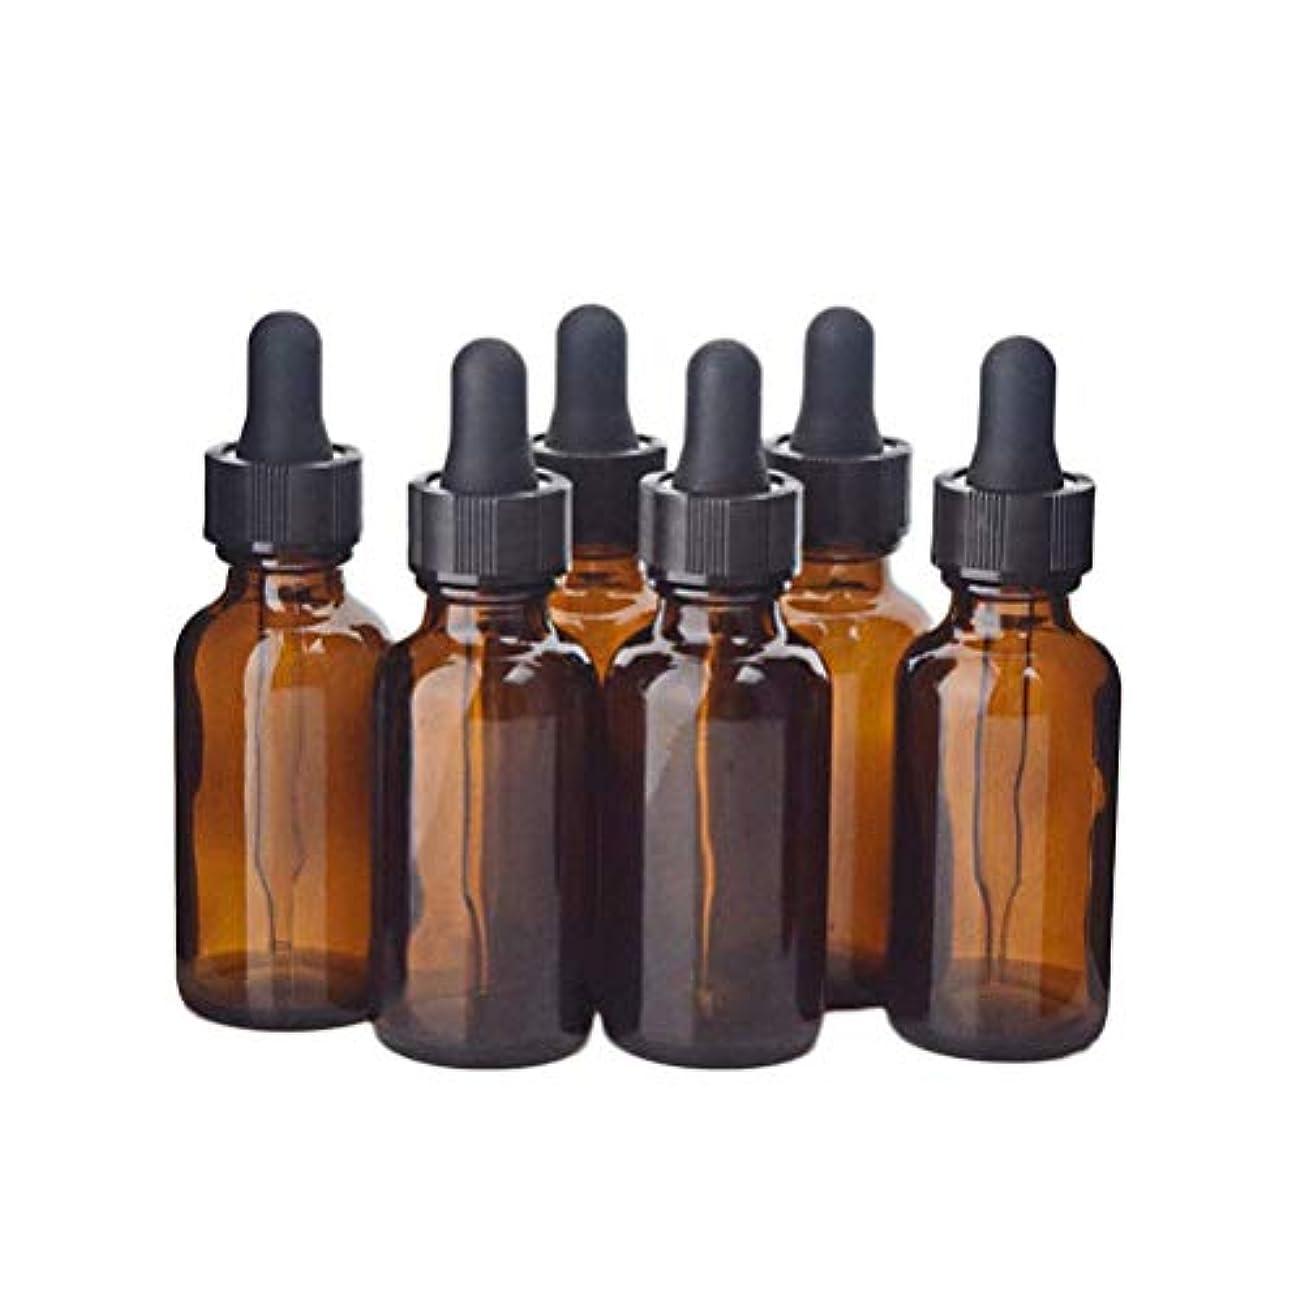 神座る本質的に遮光瓶 アロマオイル 精油 香水やアロマの保存 小分け用 遮光瓶 30ml 12本セット茶色